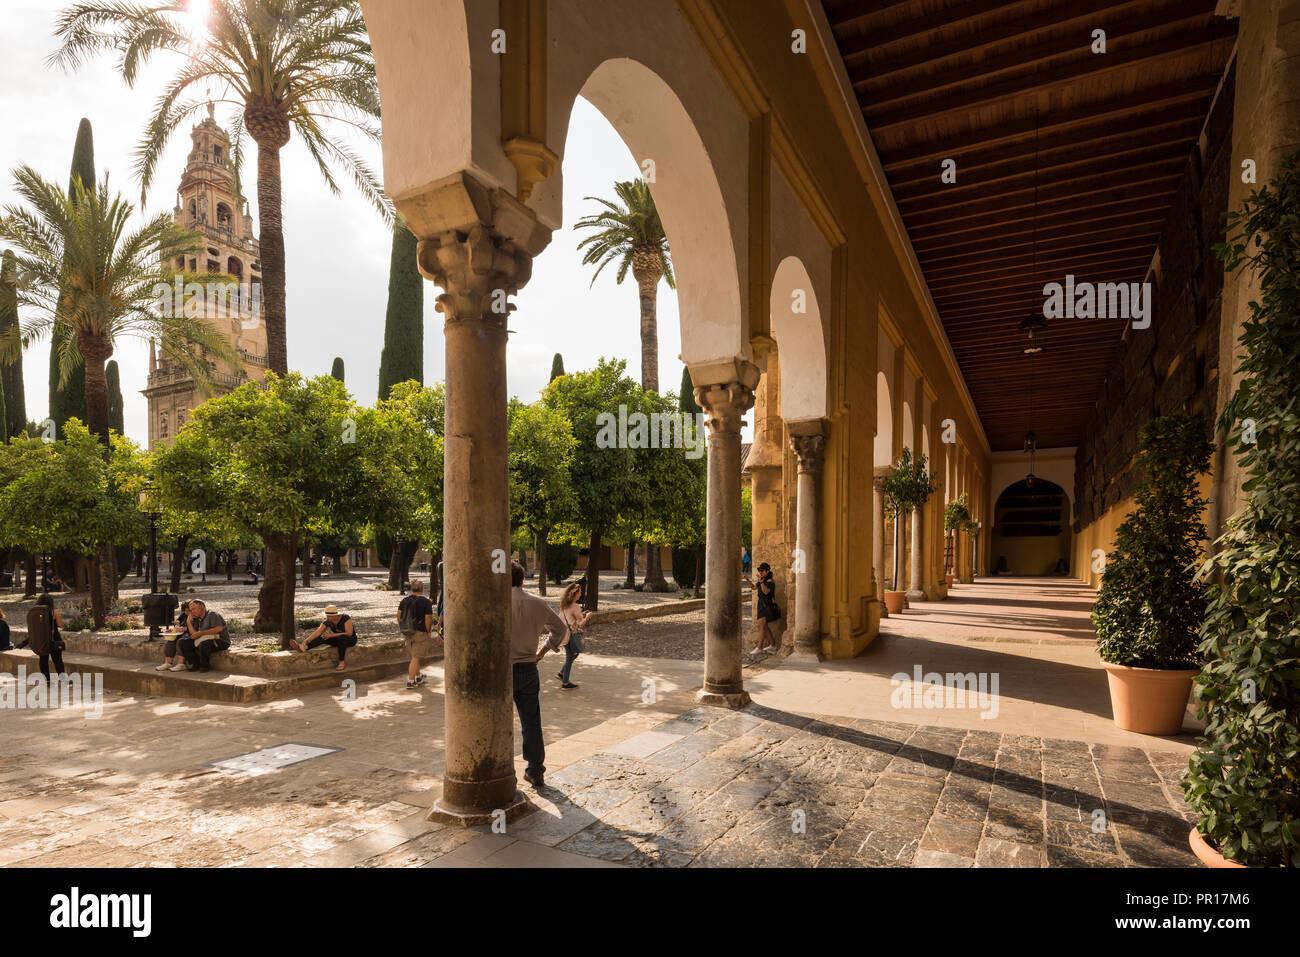 La Gran Mezquita (Catedral de Nuestra Señora de la Asunción) (Mezquita) de Córdoba, Sitio del Patrimonio Mundial de la UNESCO, Córdoba, Andalucía, España, Europa Foto de stock